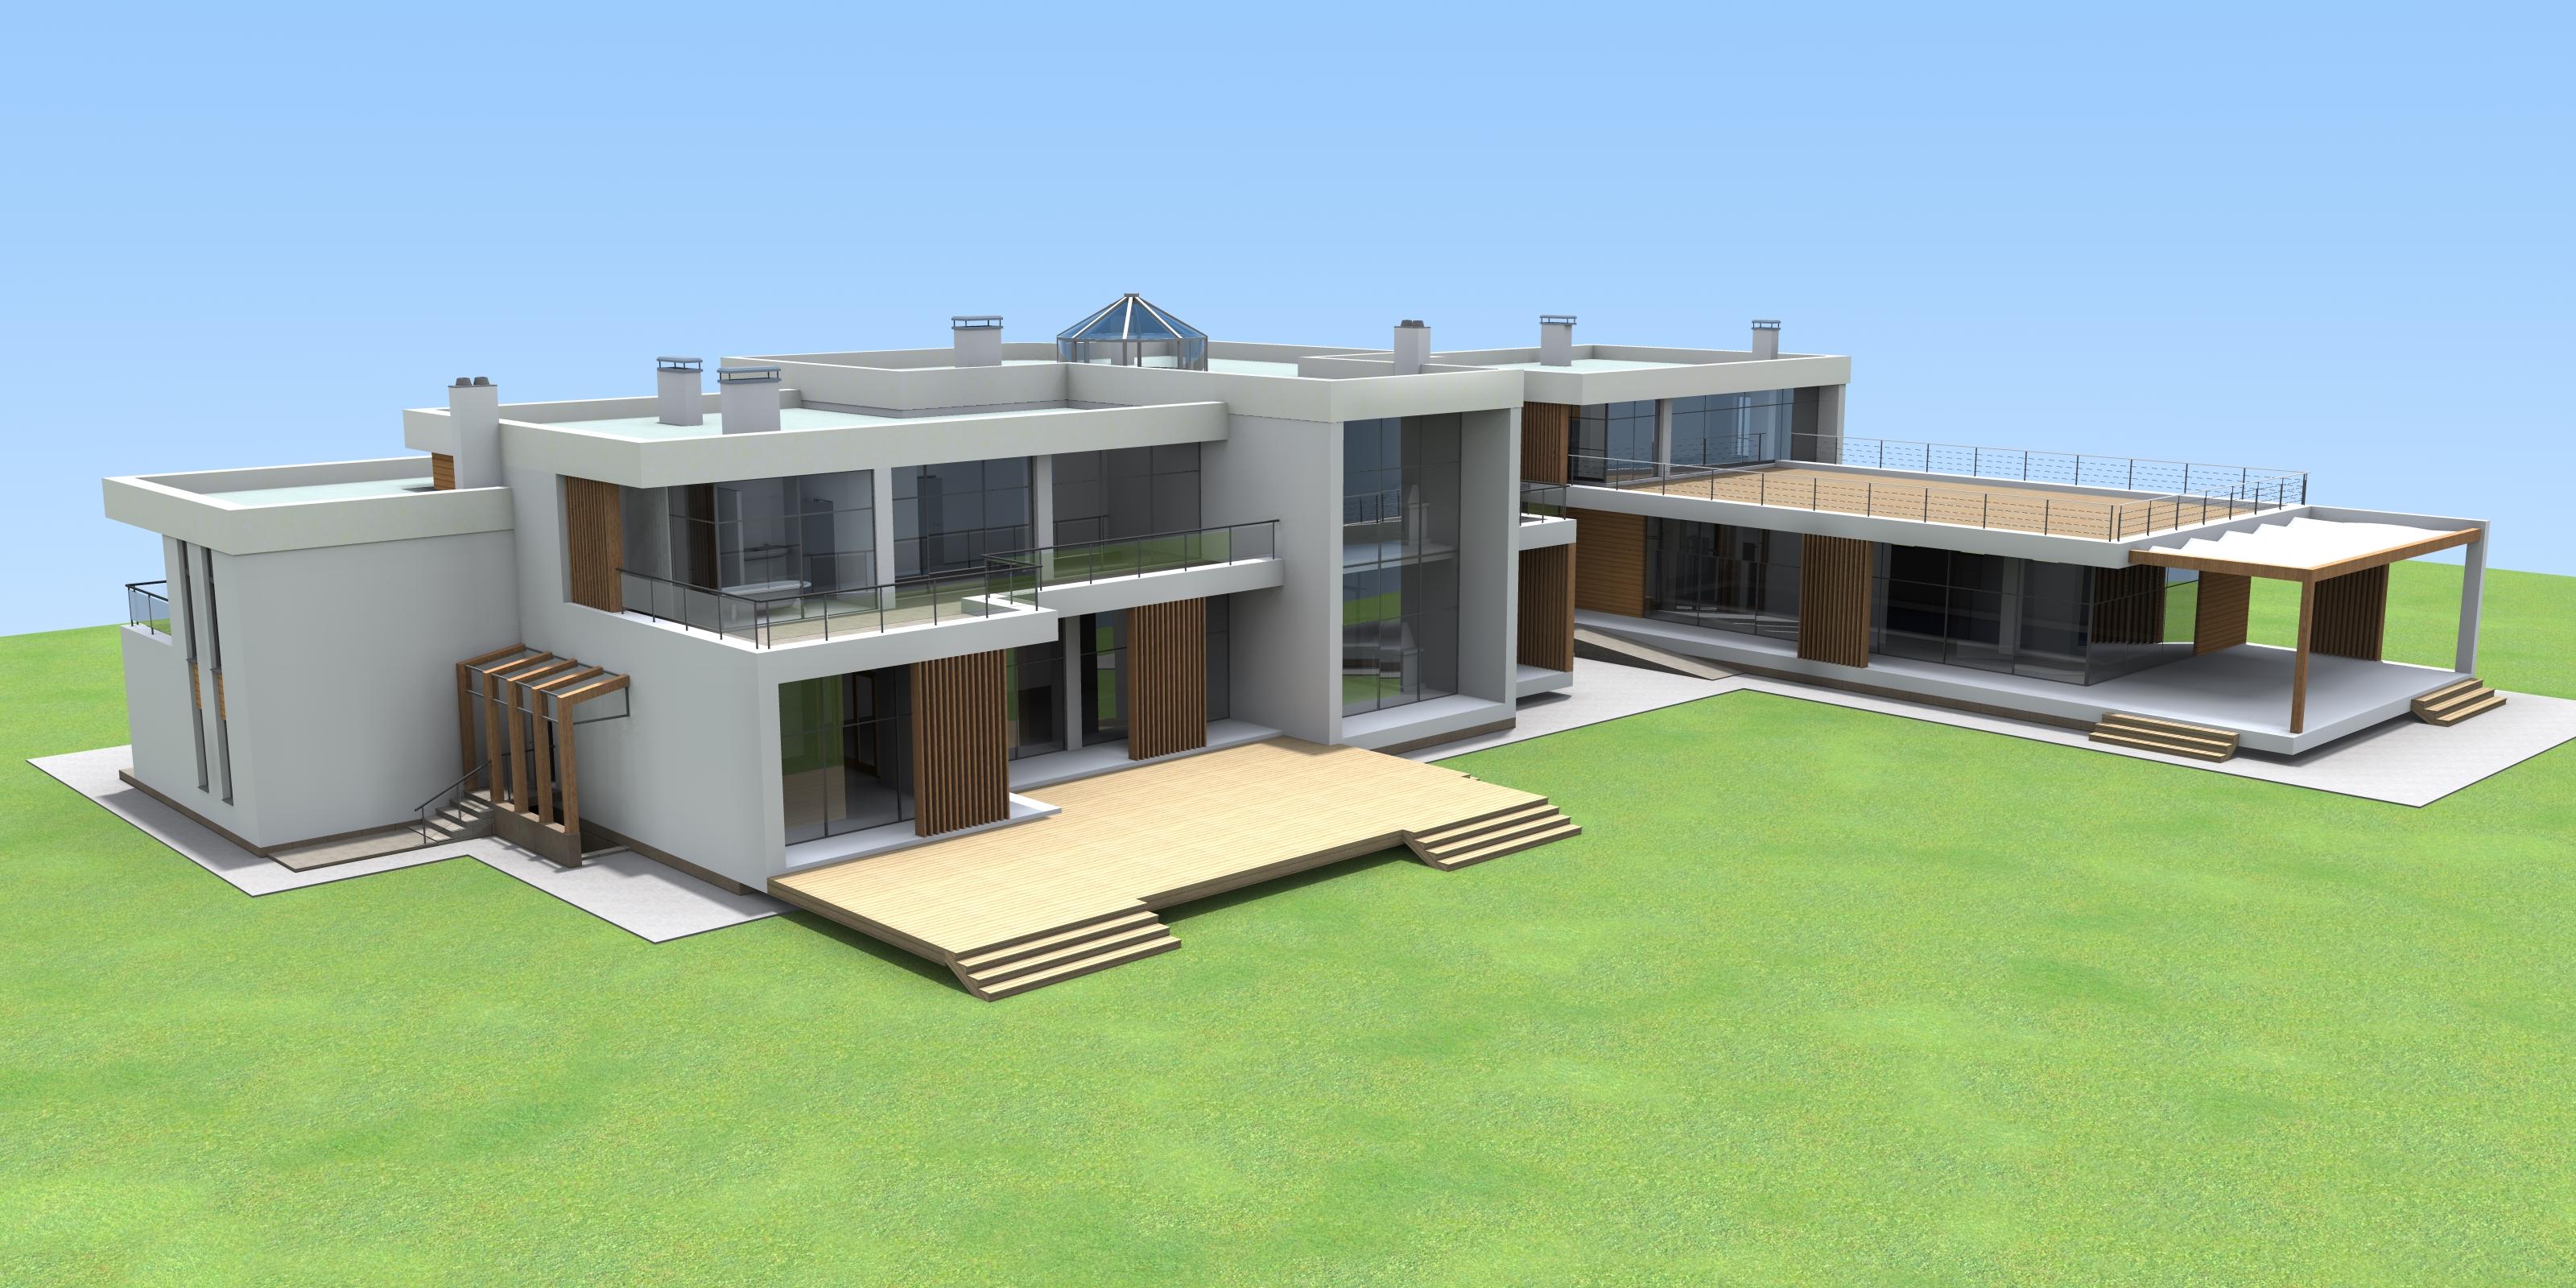 частный жилой дом проектирование